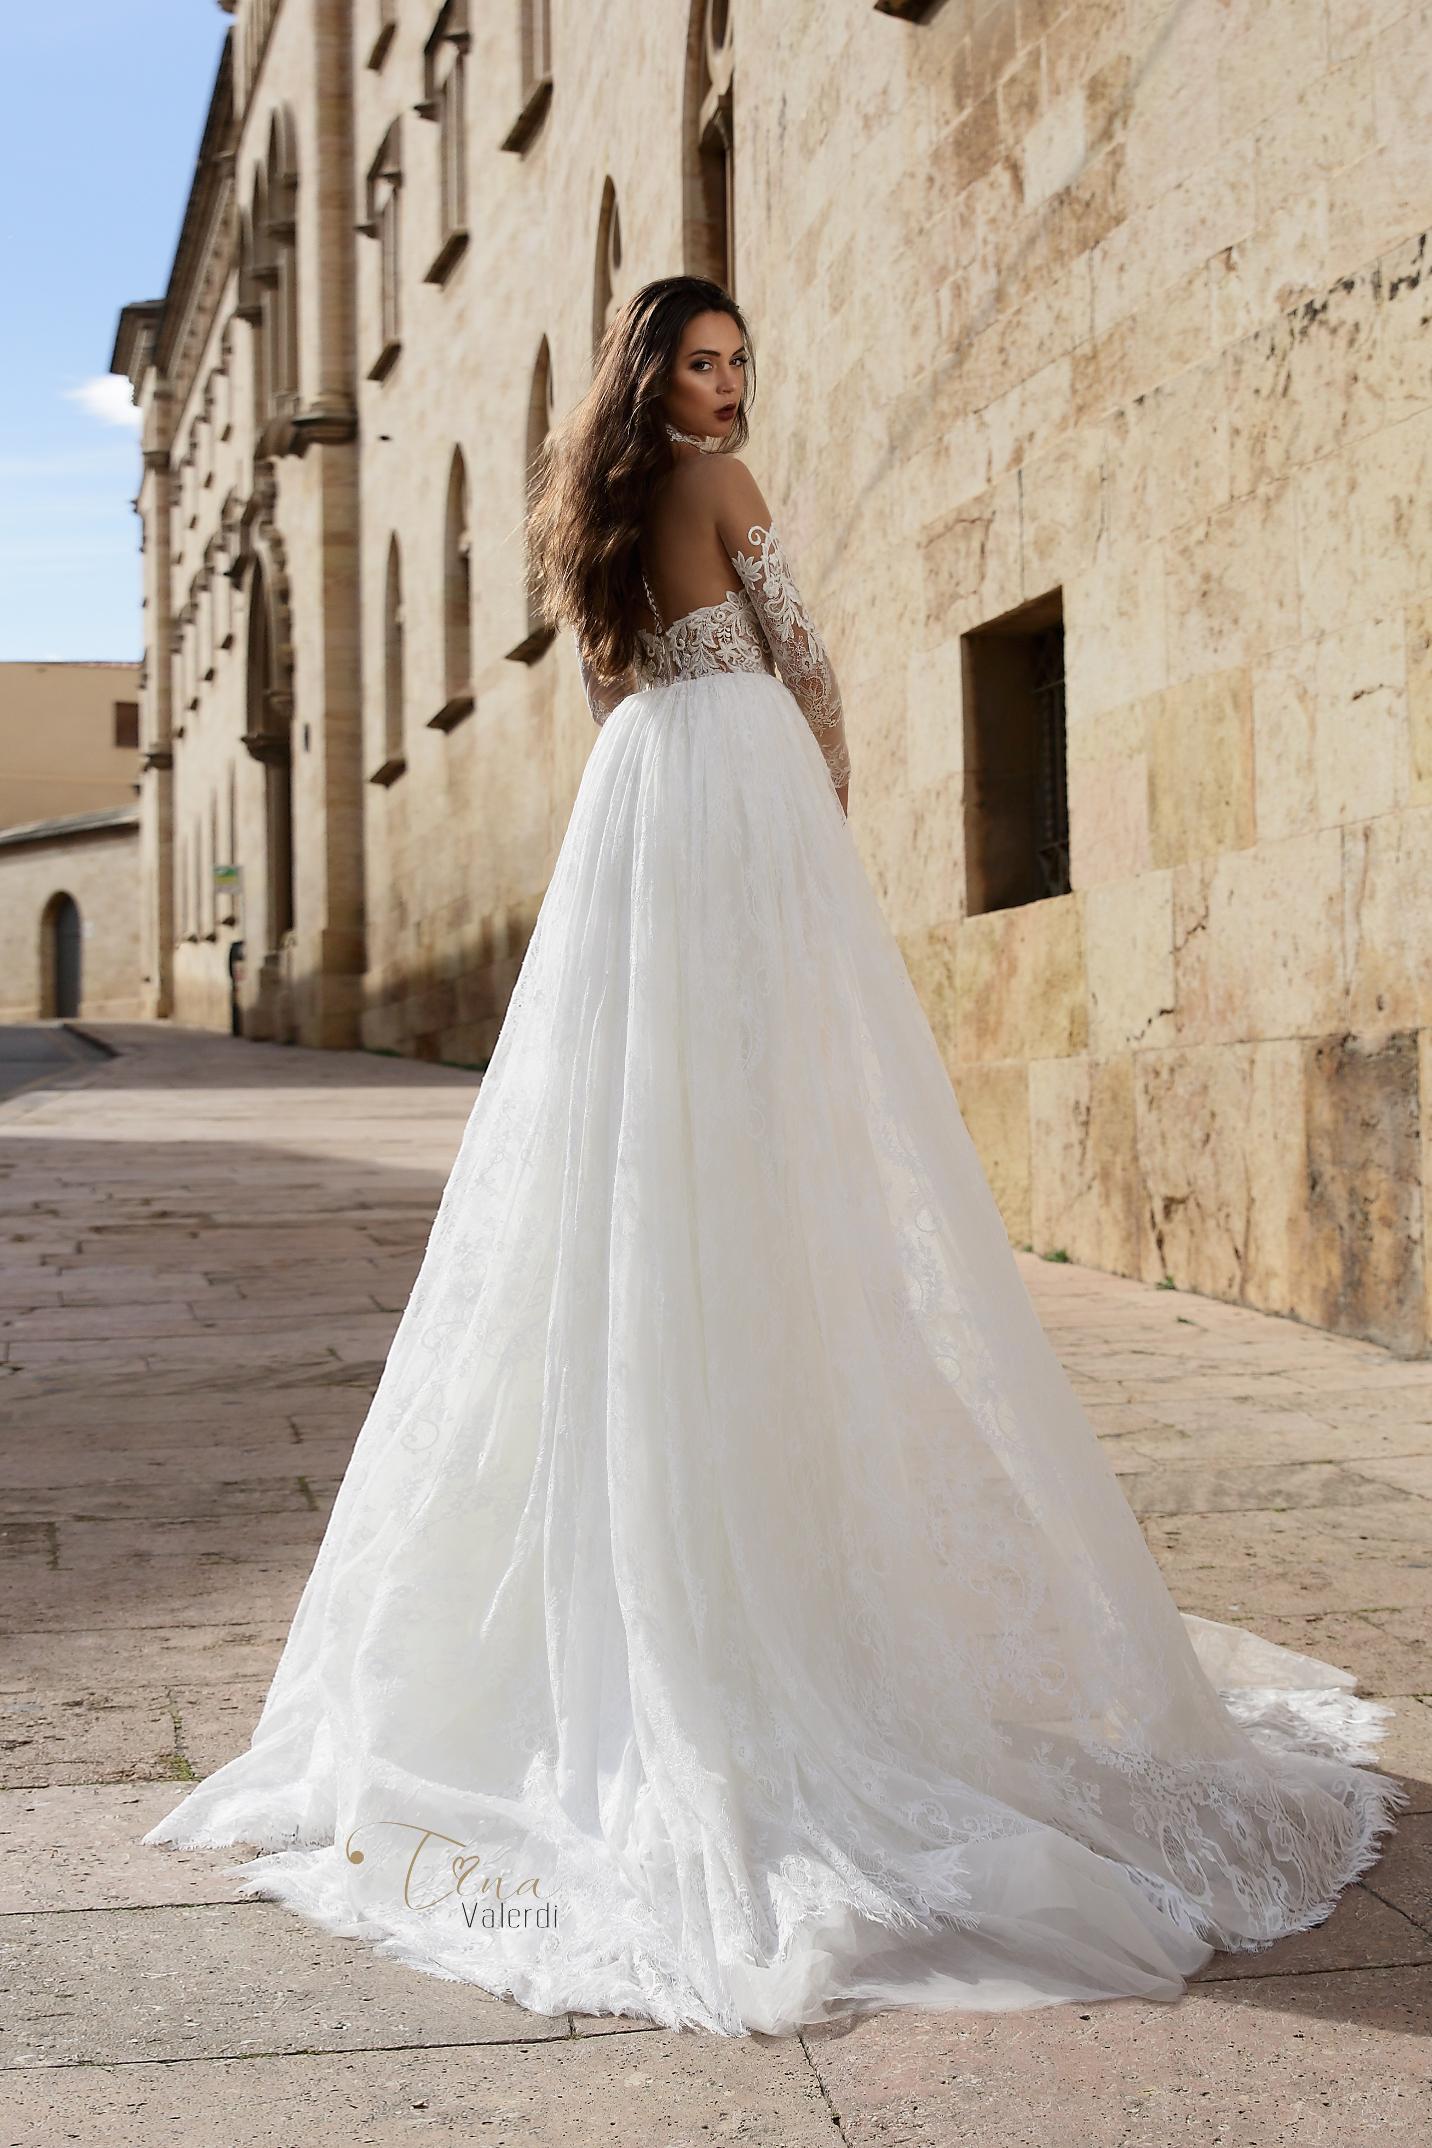 vestuvines sukneles tina valerdi Virginia4